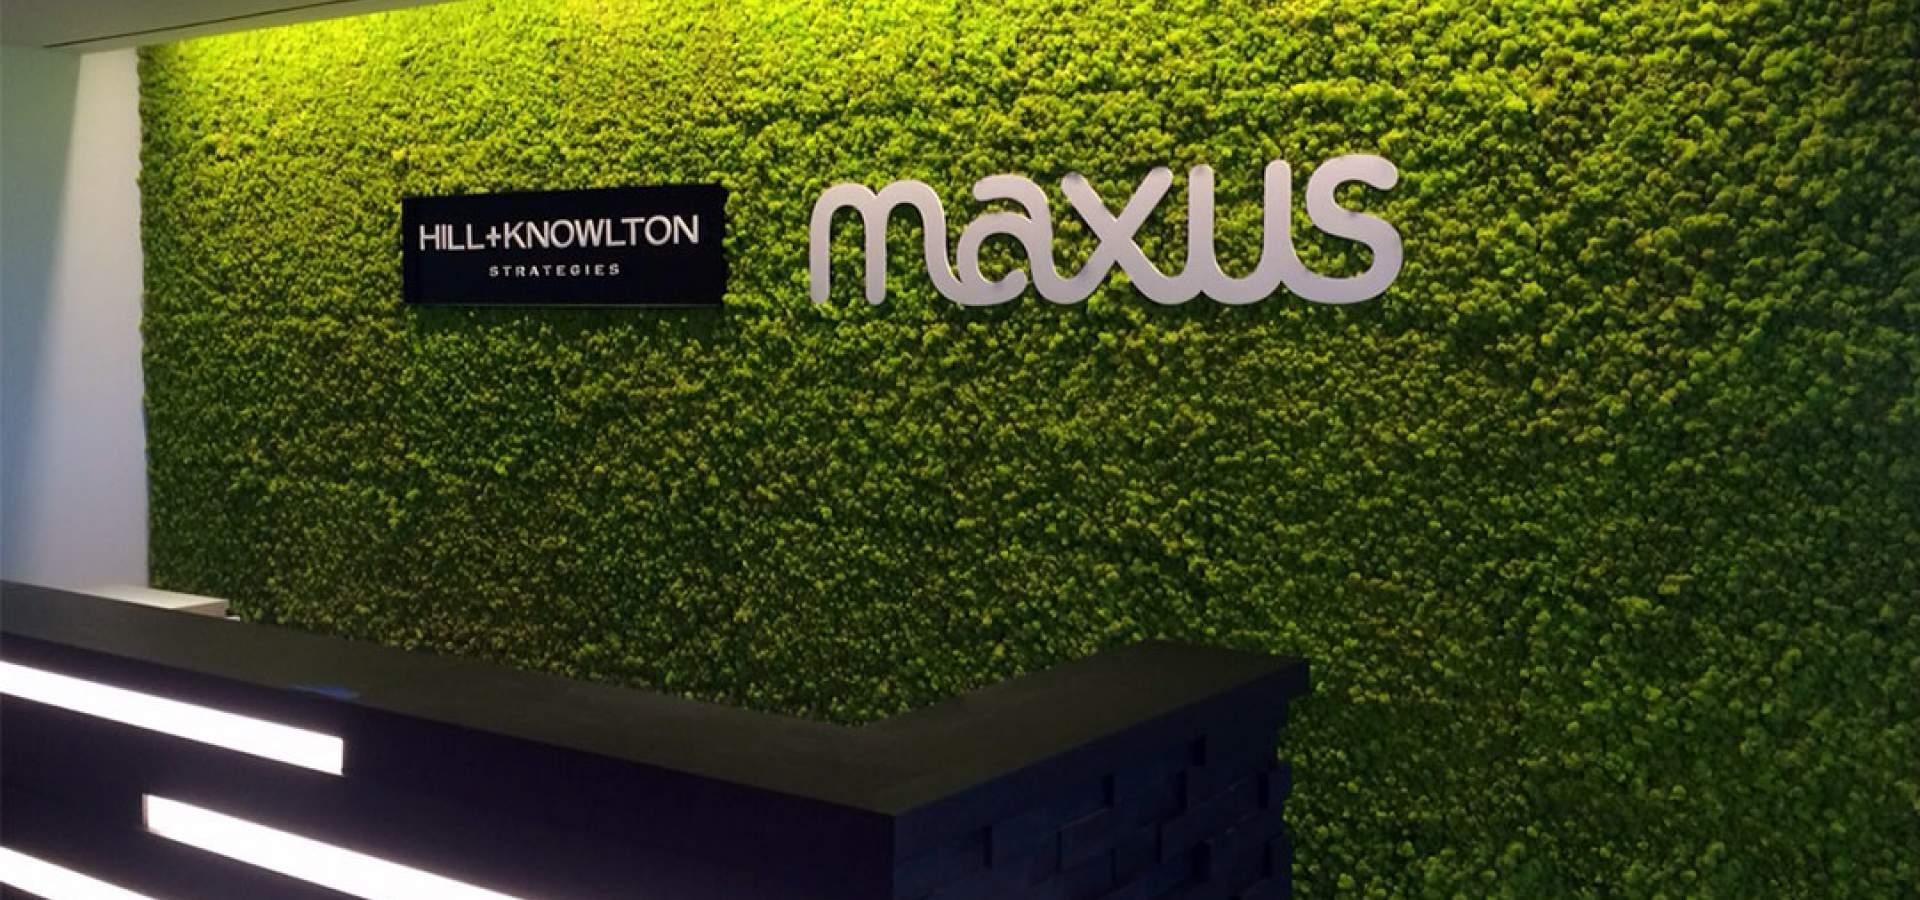 Mur Végétal avec logo